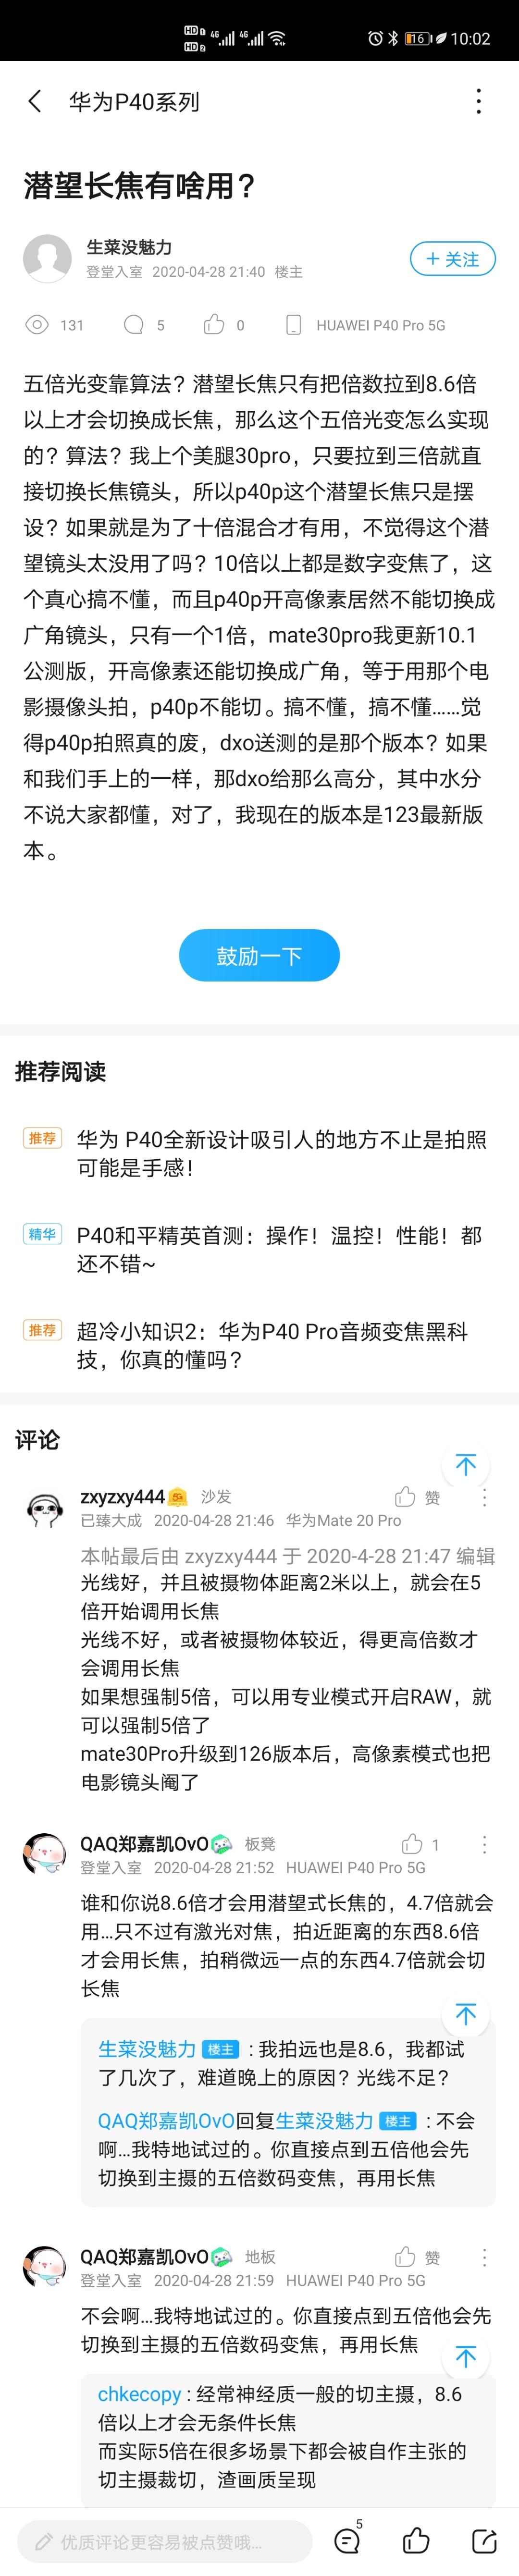 Screenshot_20200428_220258_com.huawei.fans.jpg